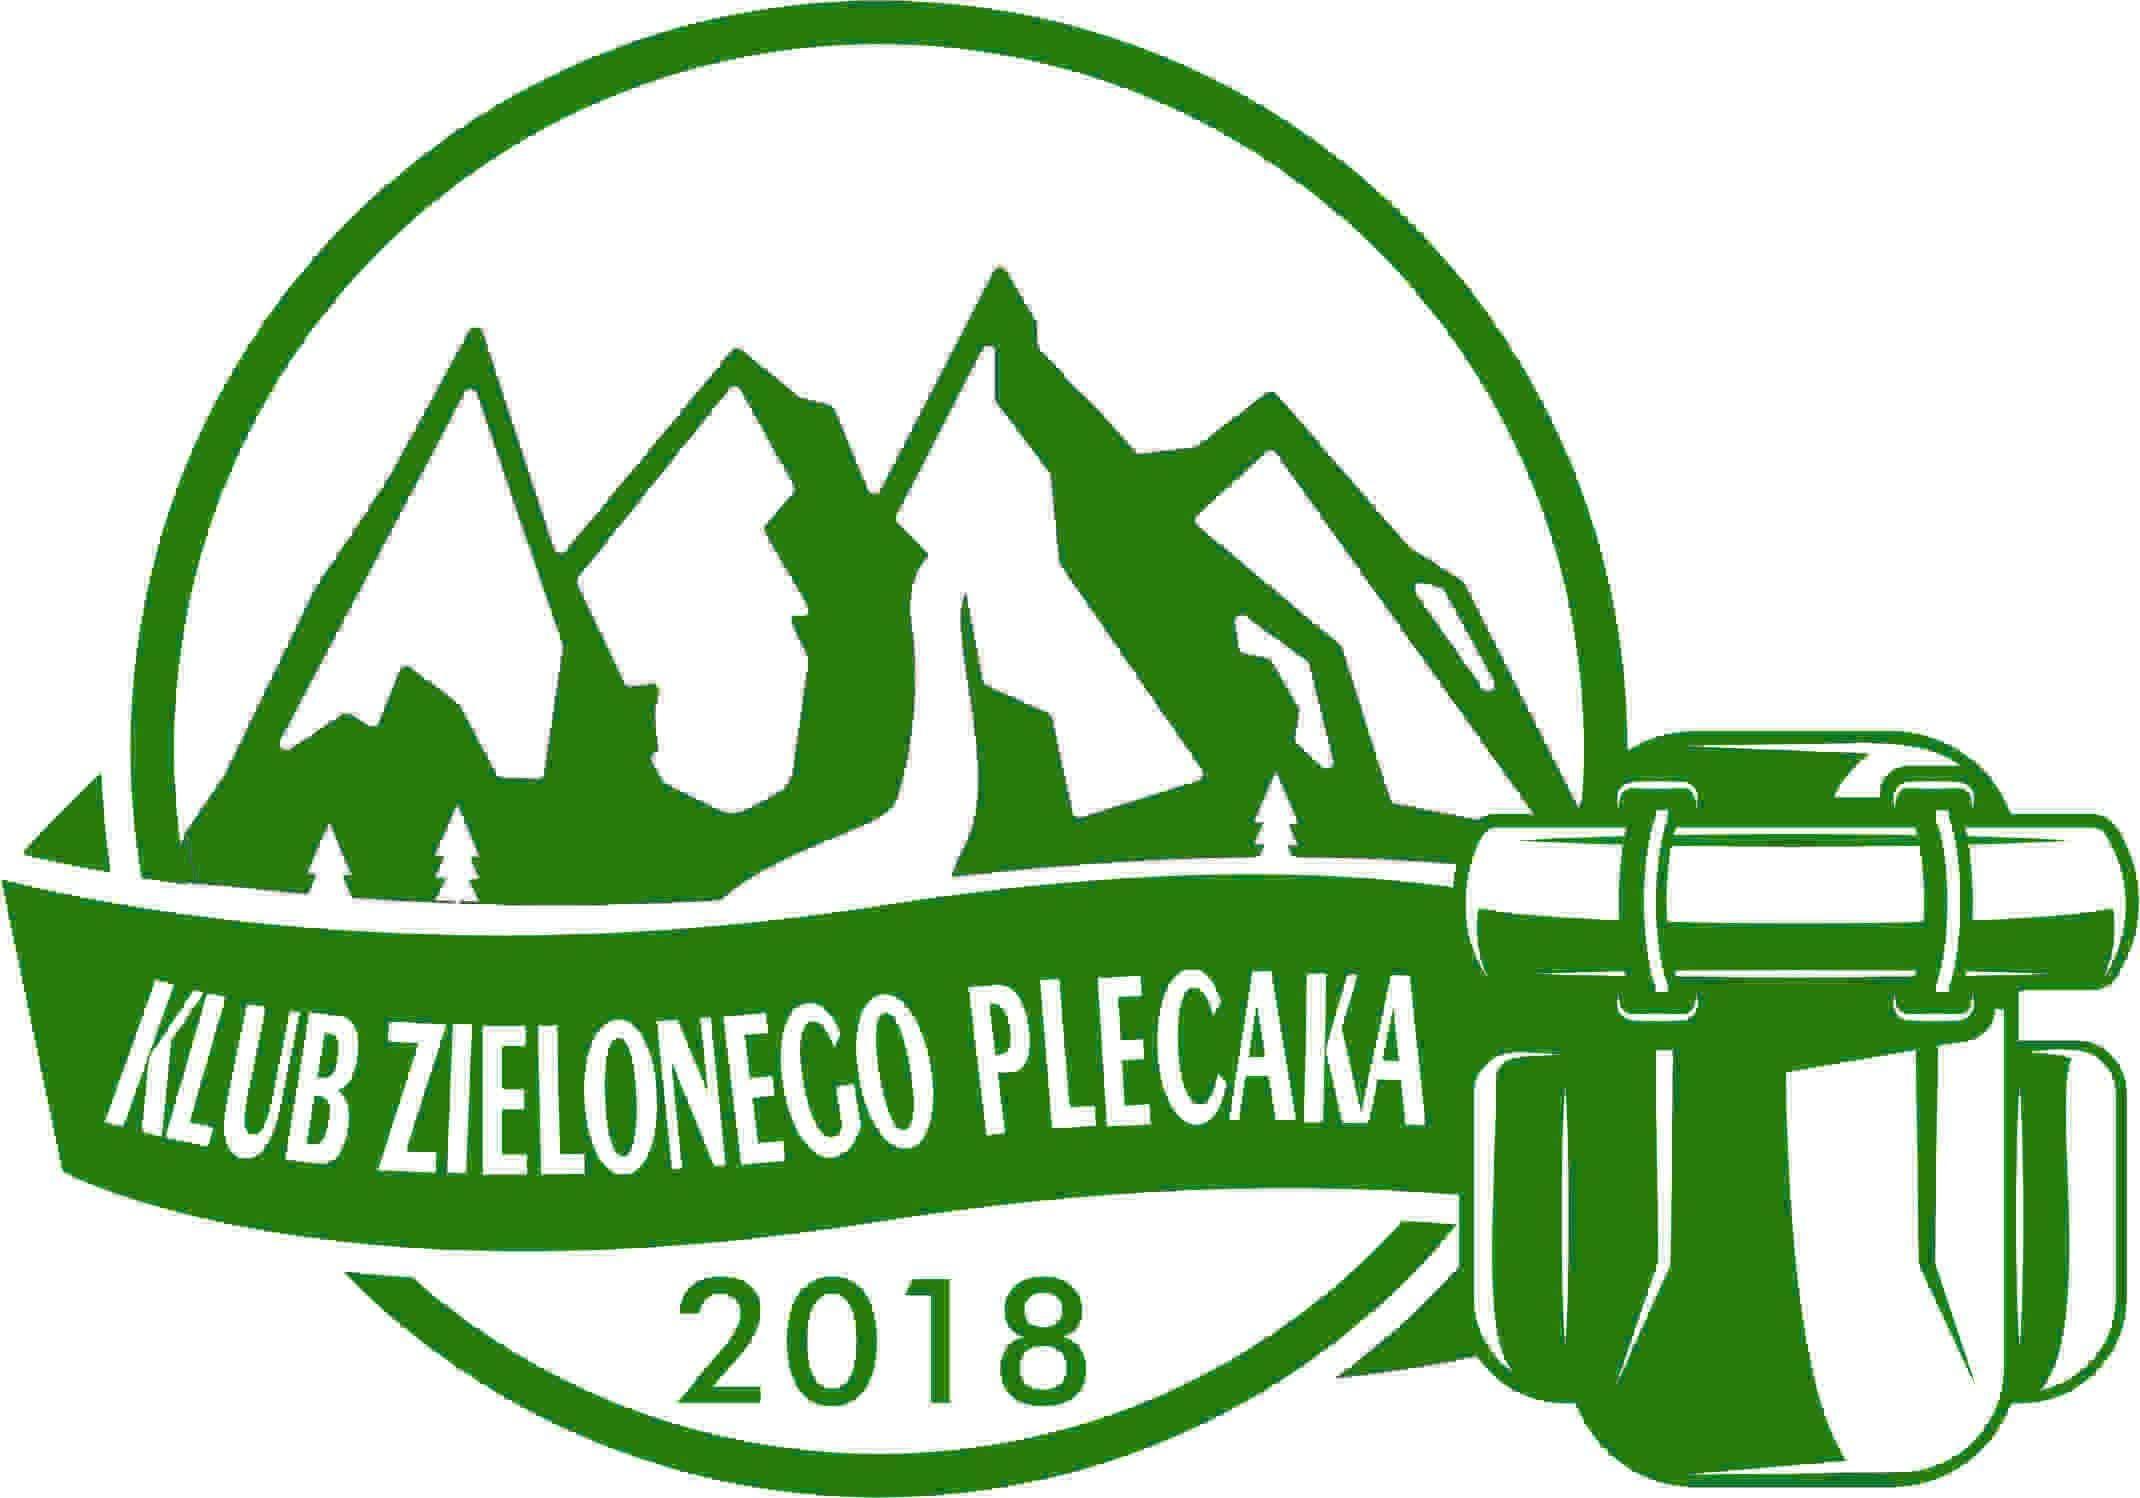 Klub Zielonego Plecaka